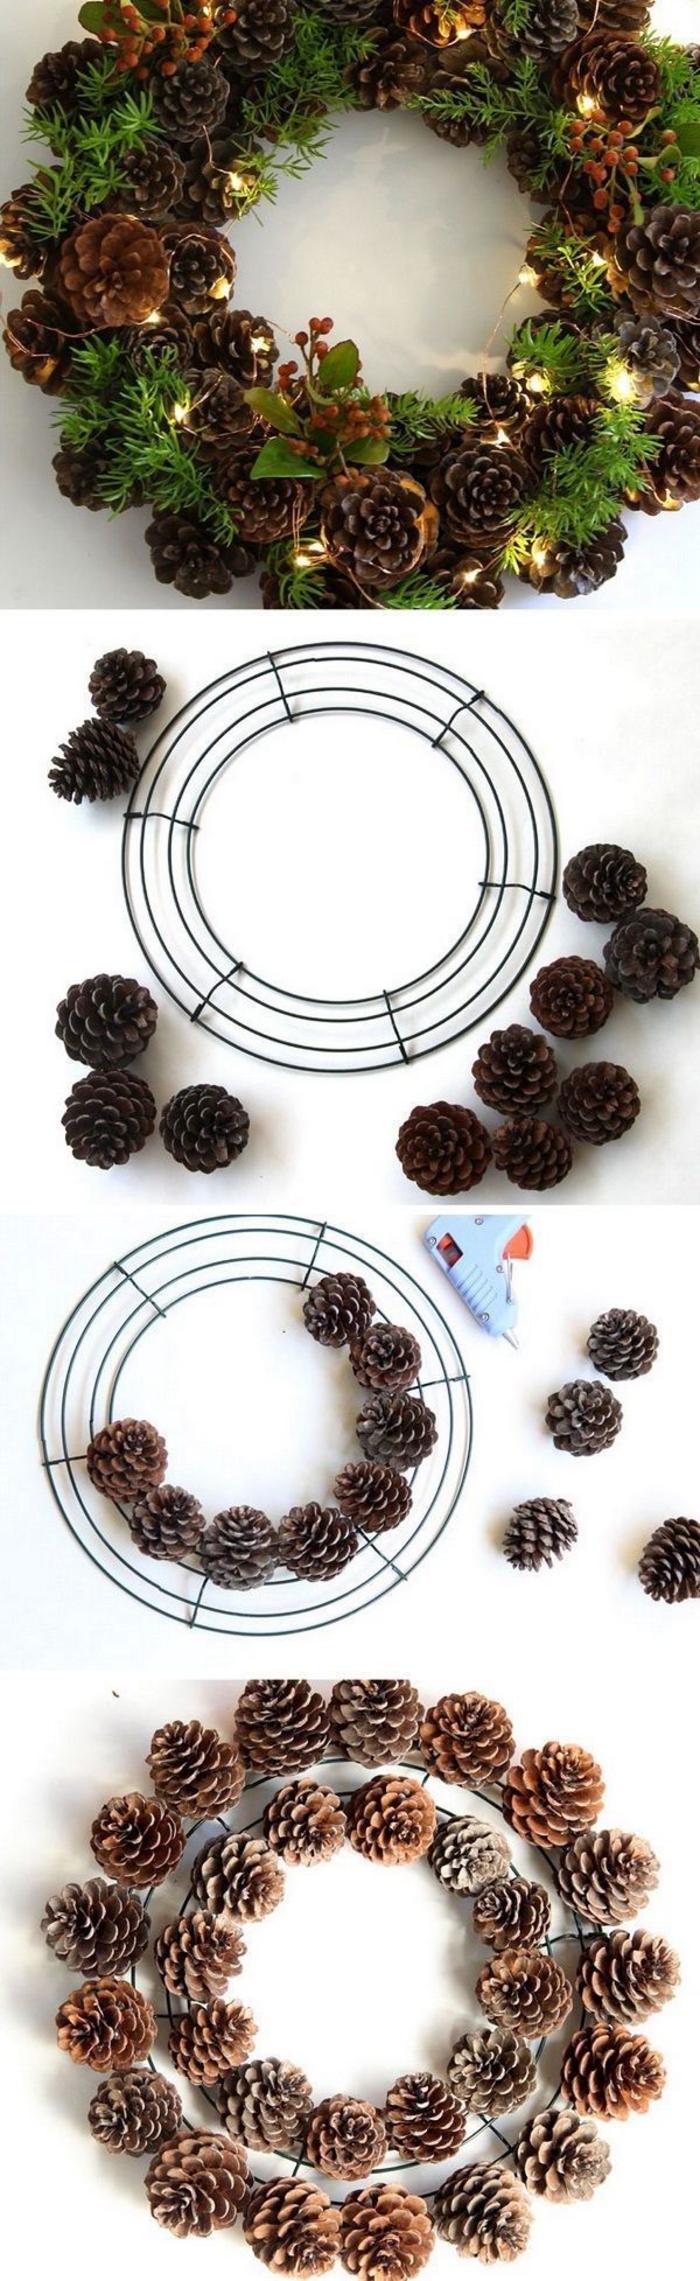 une jolie couronne de noël naturelle réalisée avec un cercle métallique décoré de pommes de pin et branches de verdure, deco noel a faire soi meme